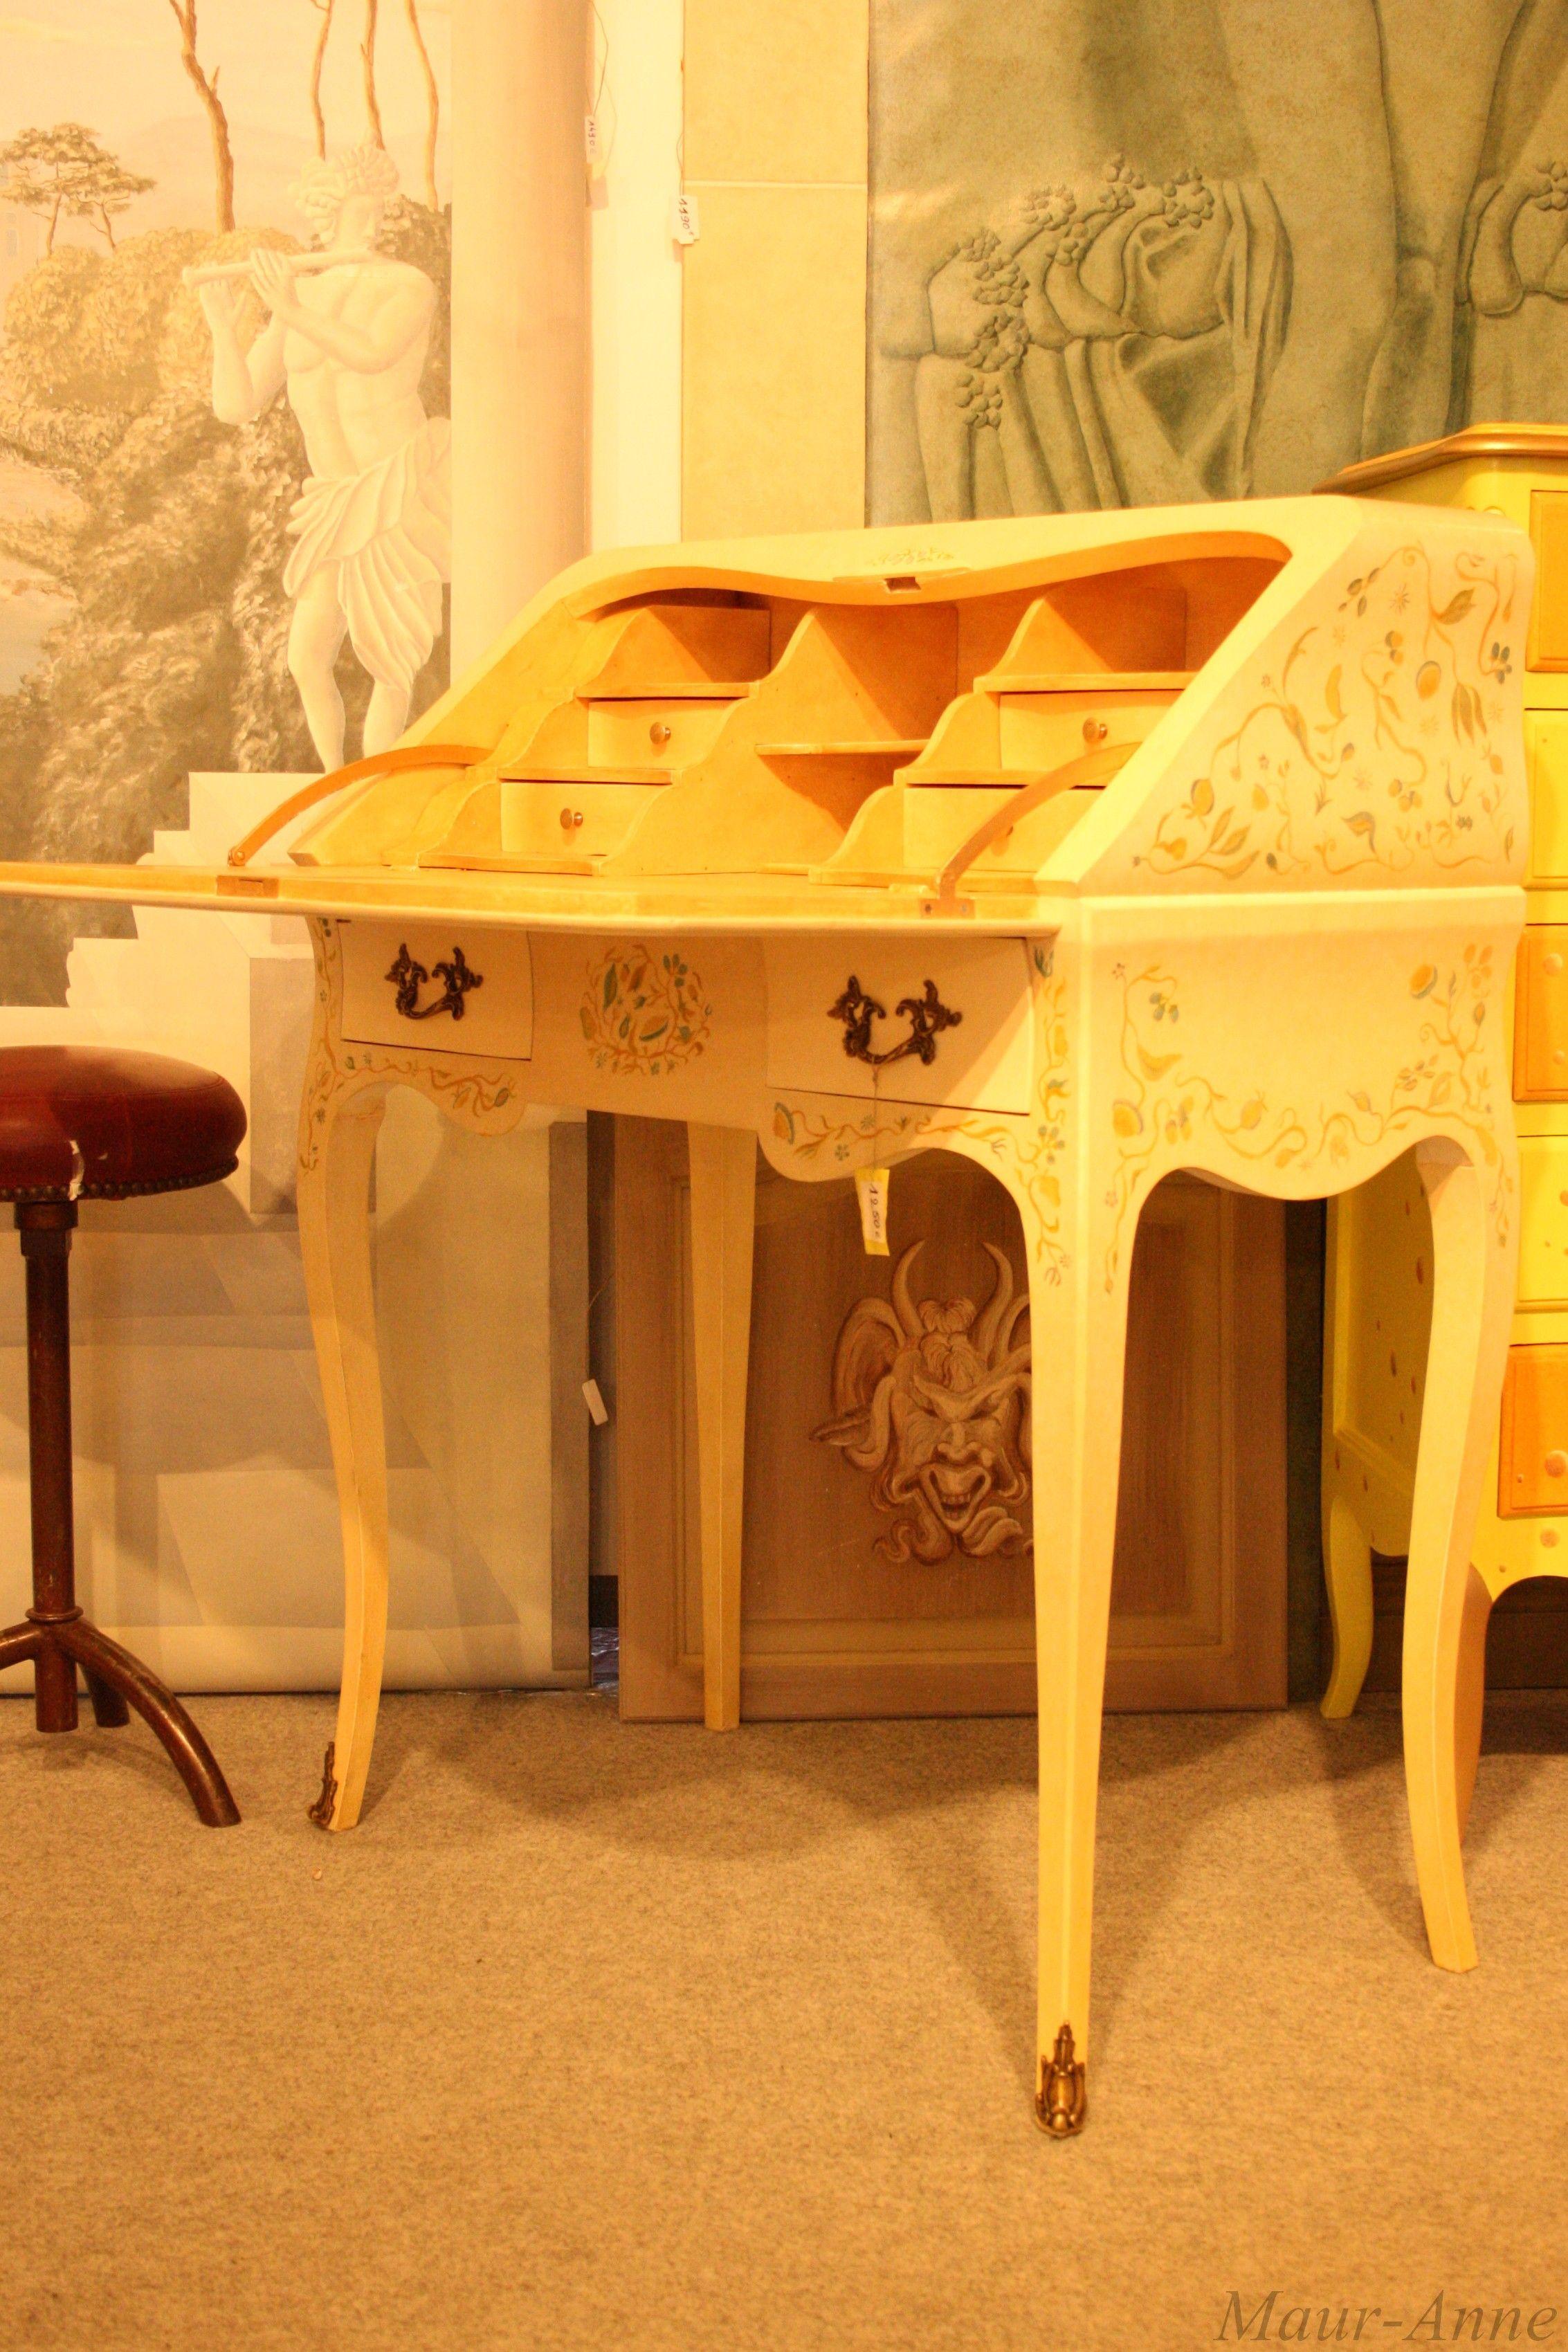 Salon de l'Habitat de Clermont-Ferrand 21 > 24 mars 2014, Grande Halle d'Auvergne. Aménagement - Décoration - Design - Maison - Jardin